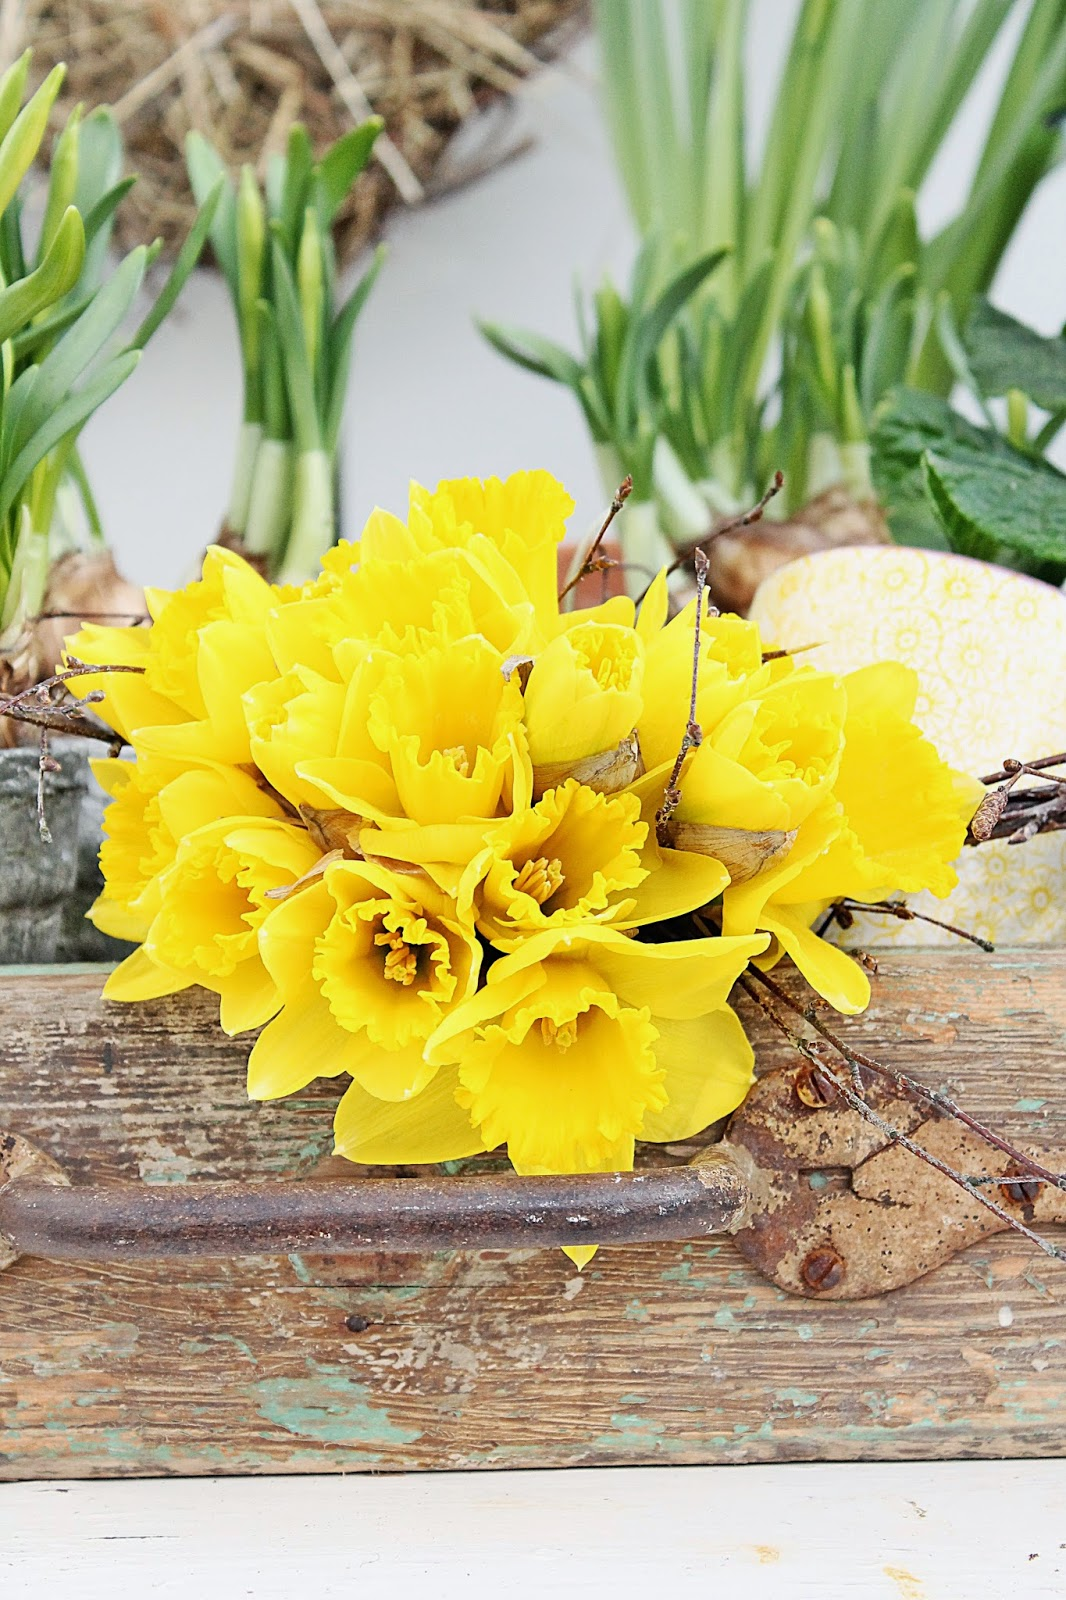 dekor/vesennie-cvety-k-pashe-foto-28.jpg